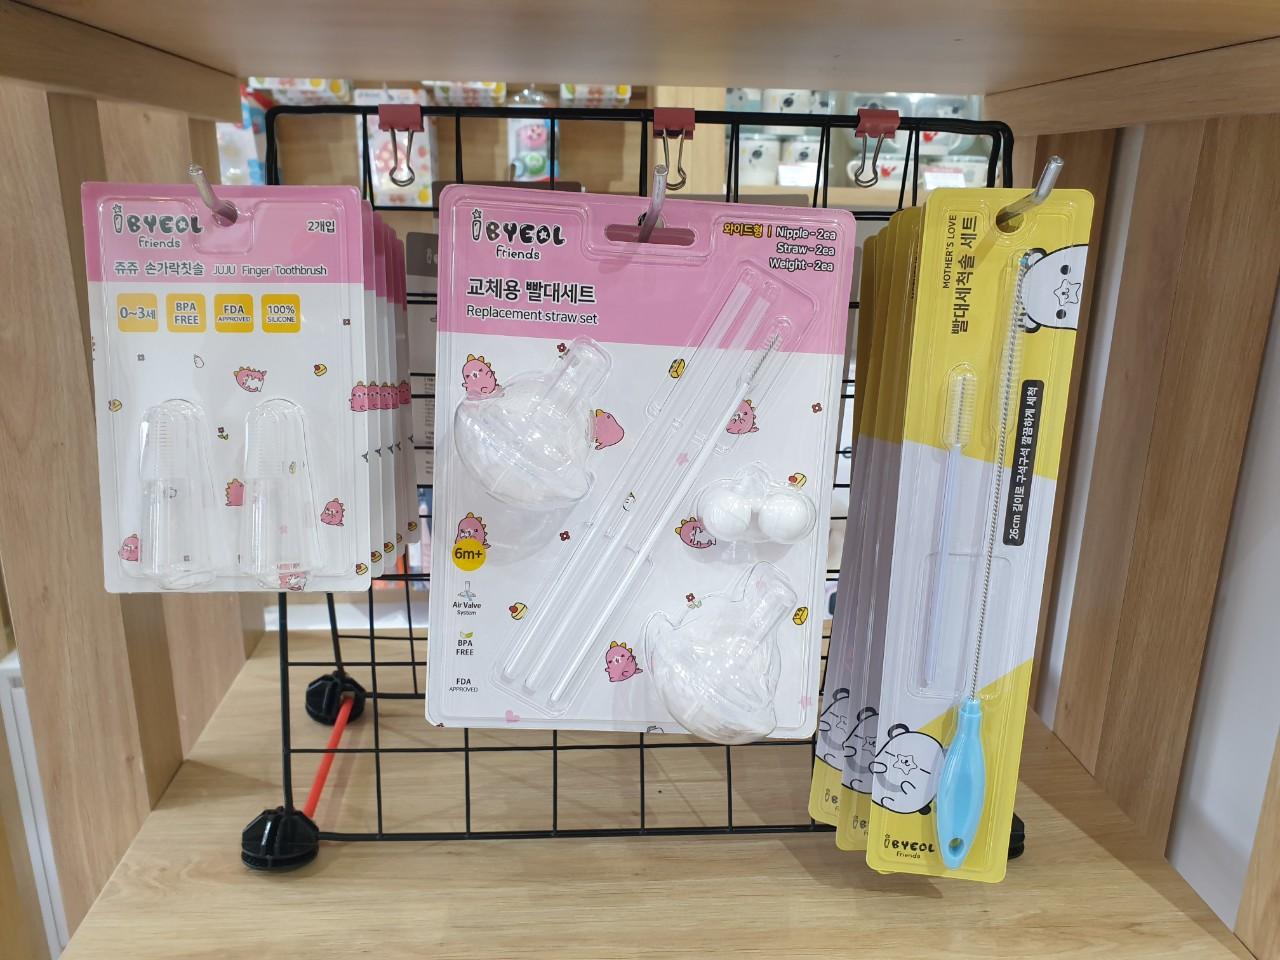 Bộ ống hút thay thế cho bé Ibyeol Friends chính hãng Hàn Quốc 4